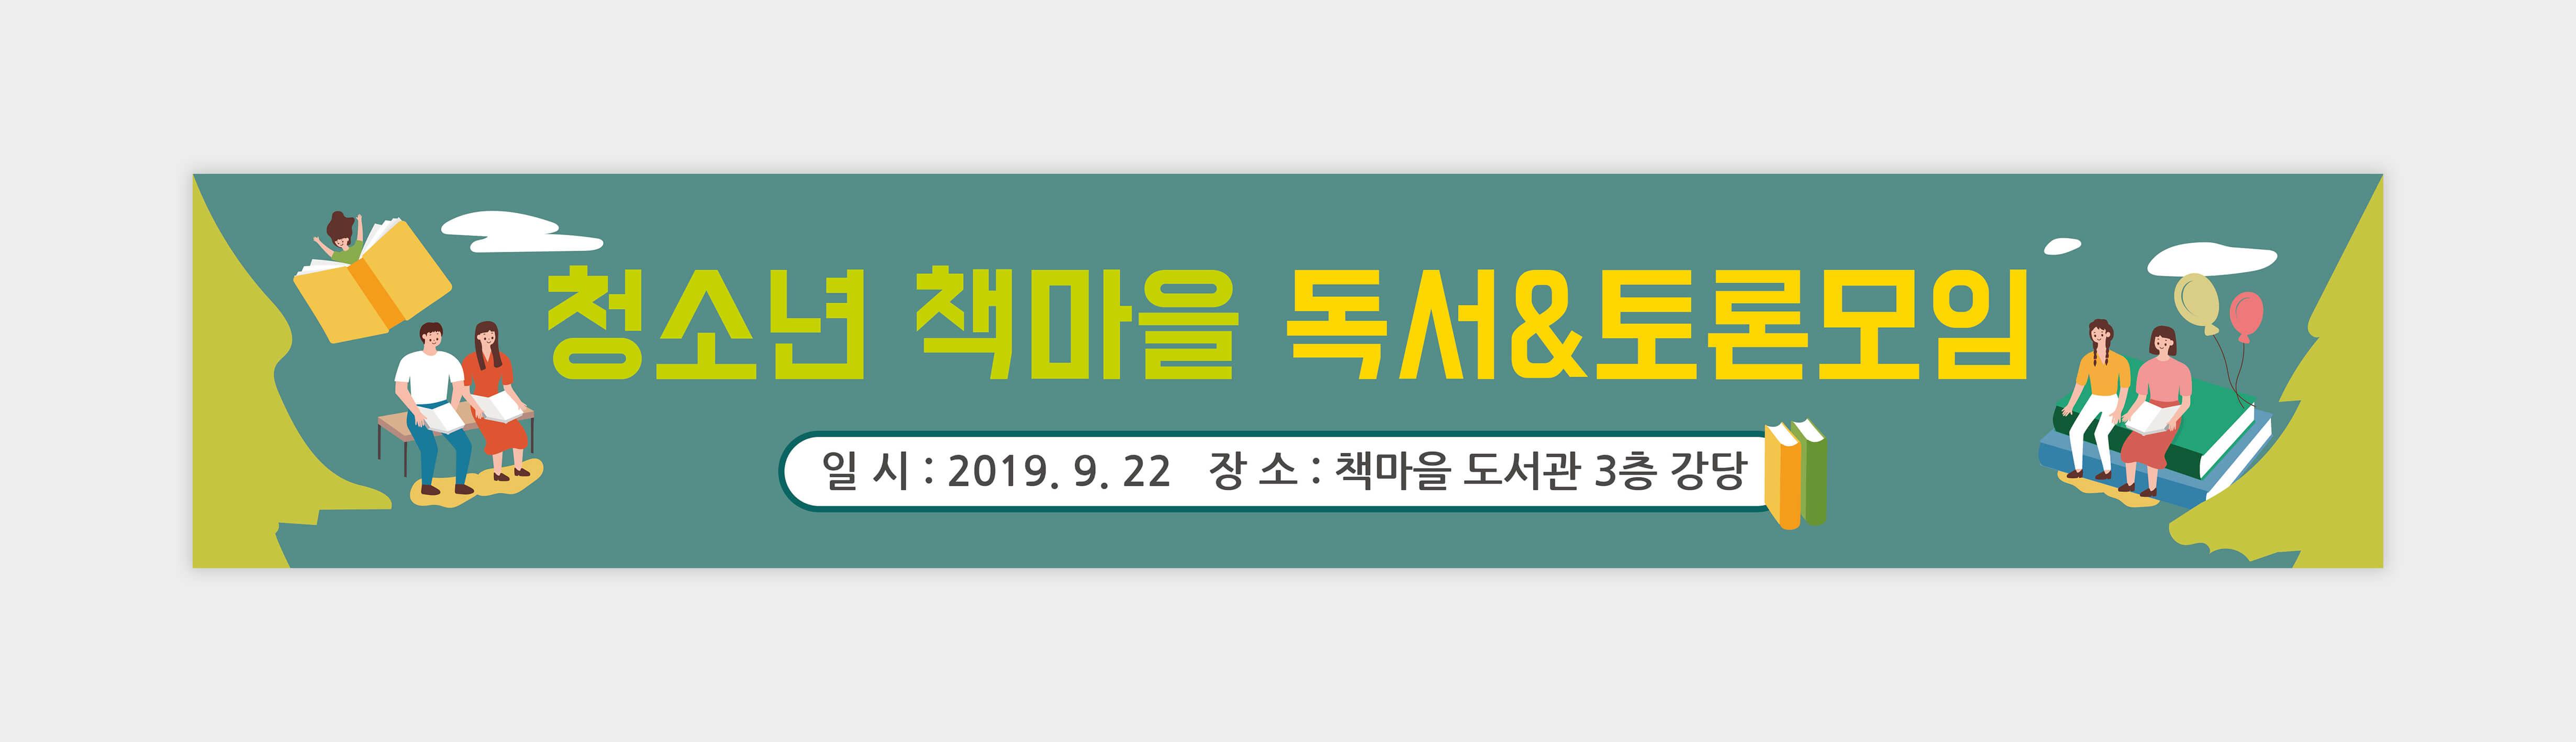 현수막_106